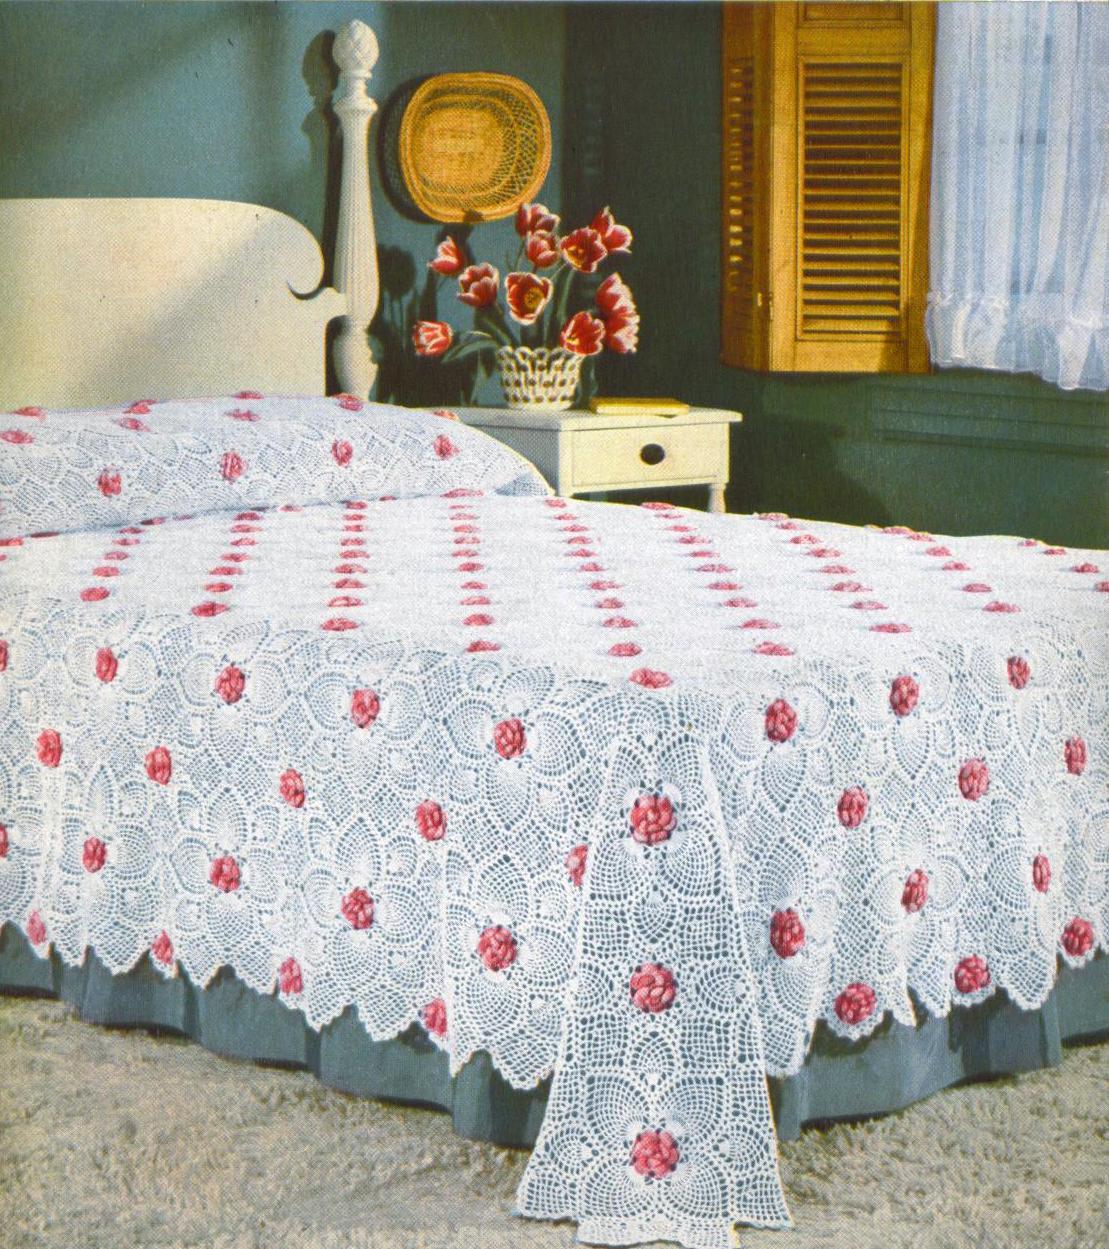 Crochet Pineapple Bedspread